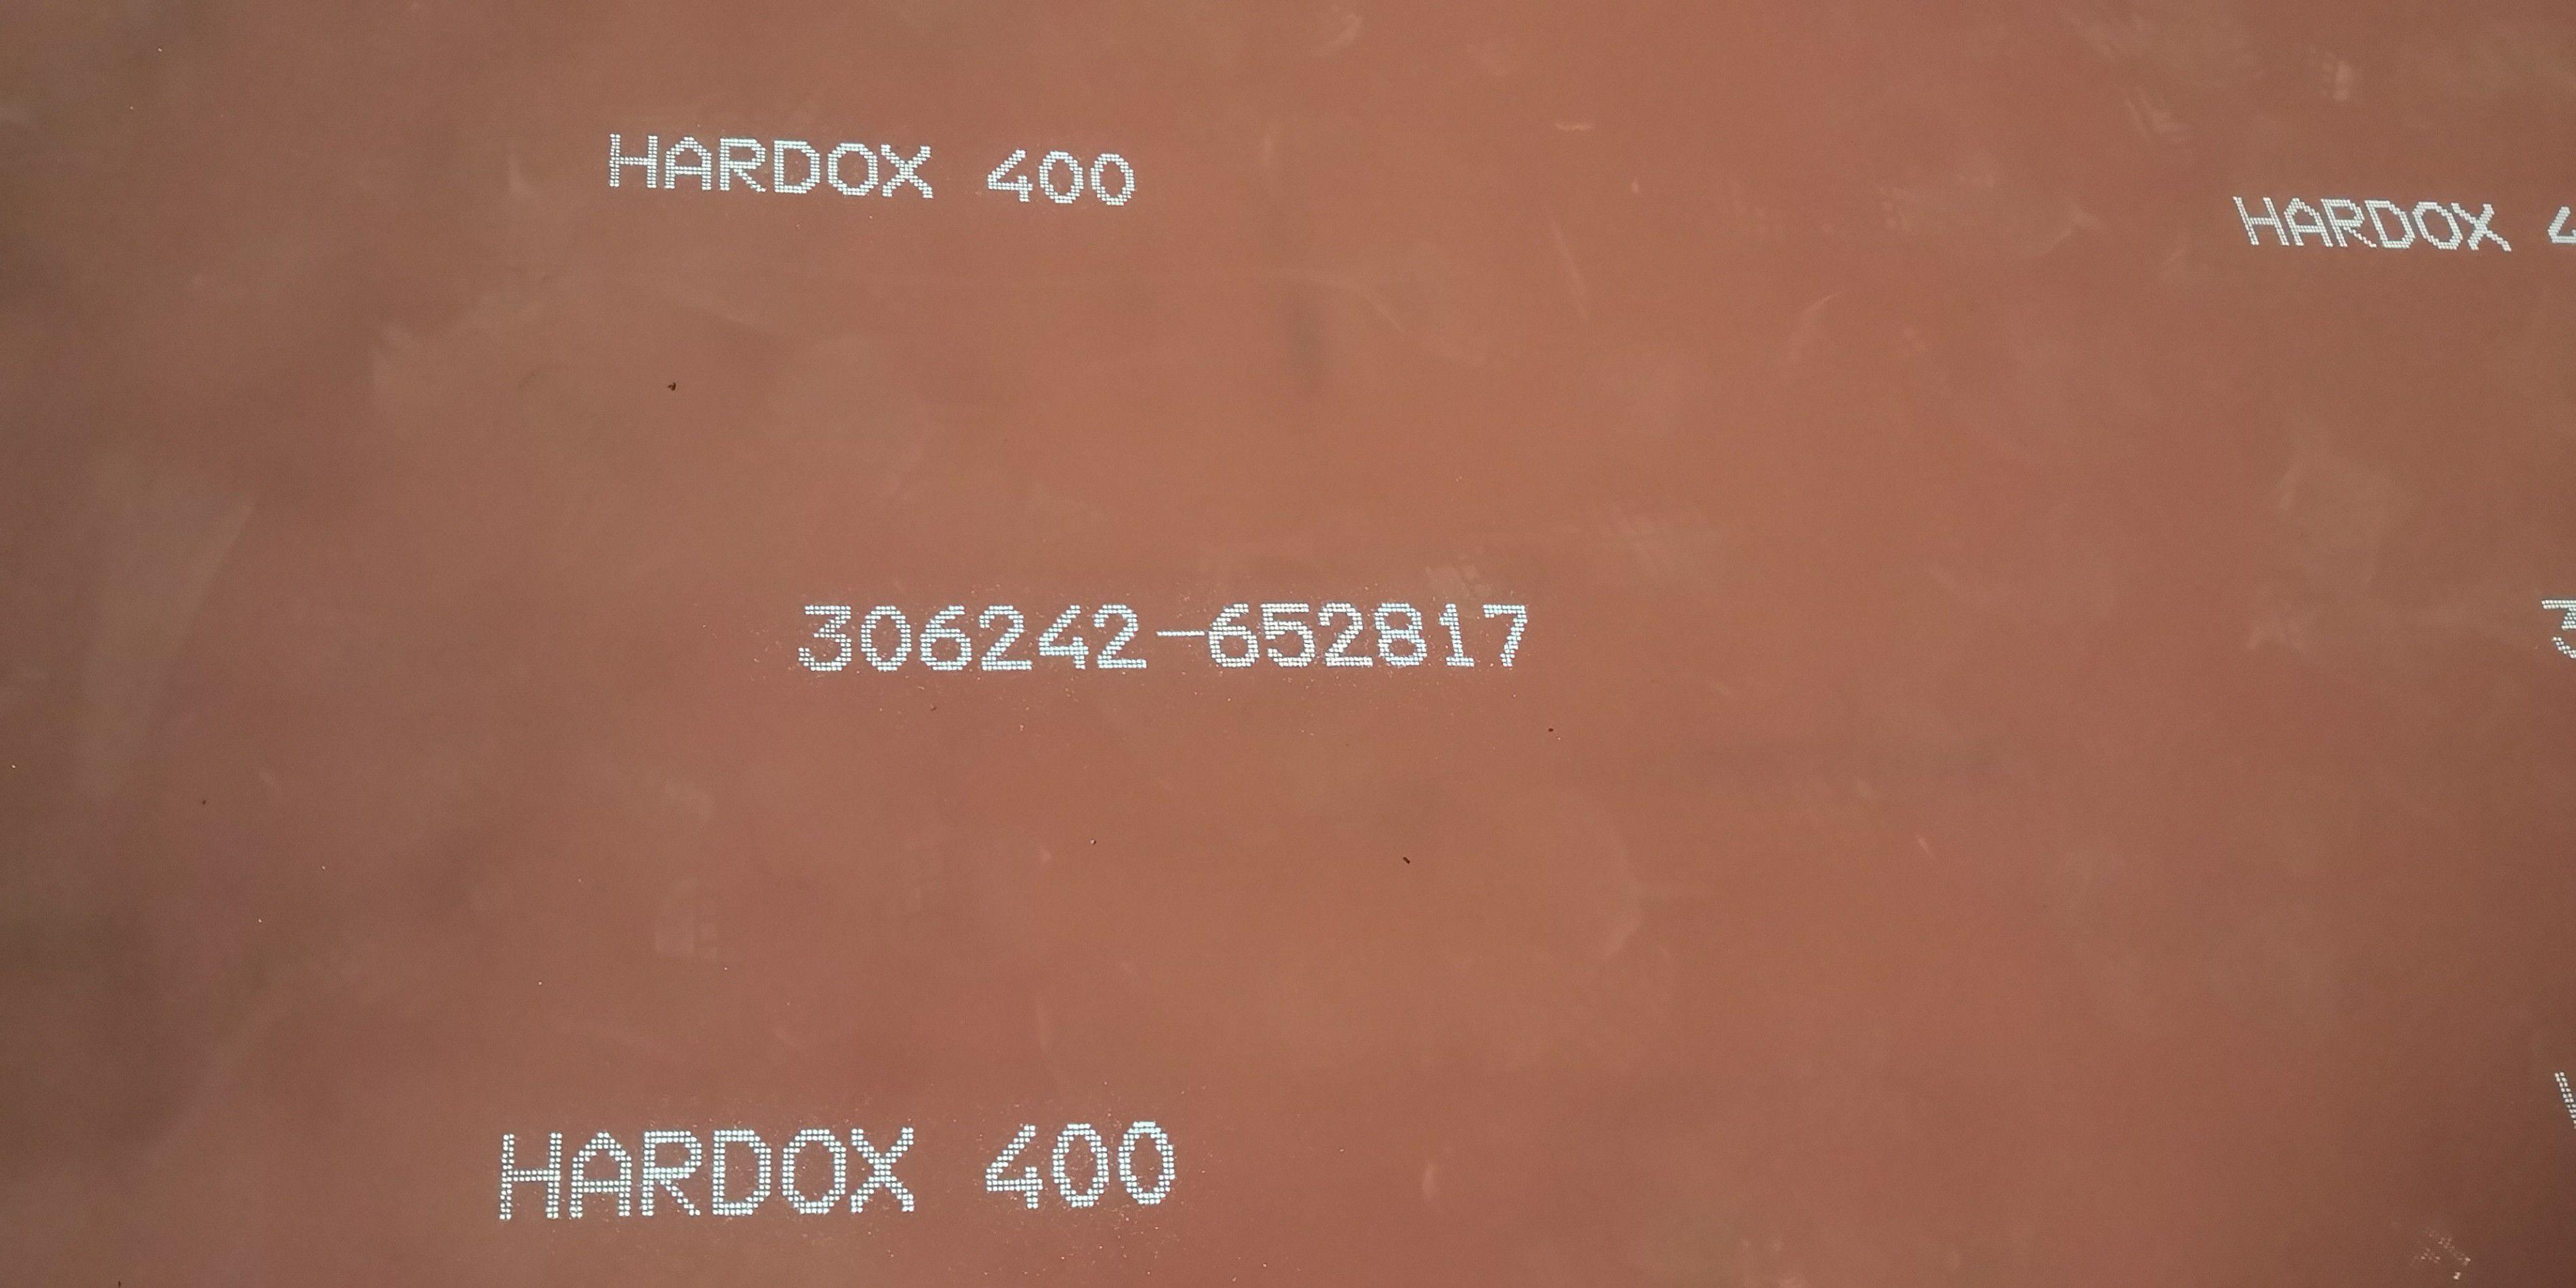 韶关hardox400耐磨钢板